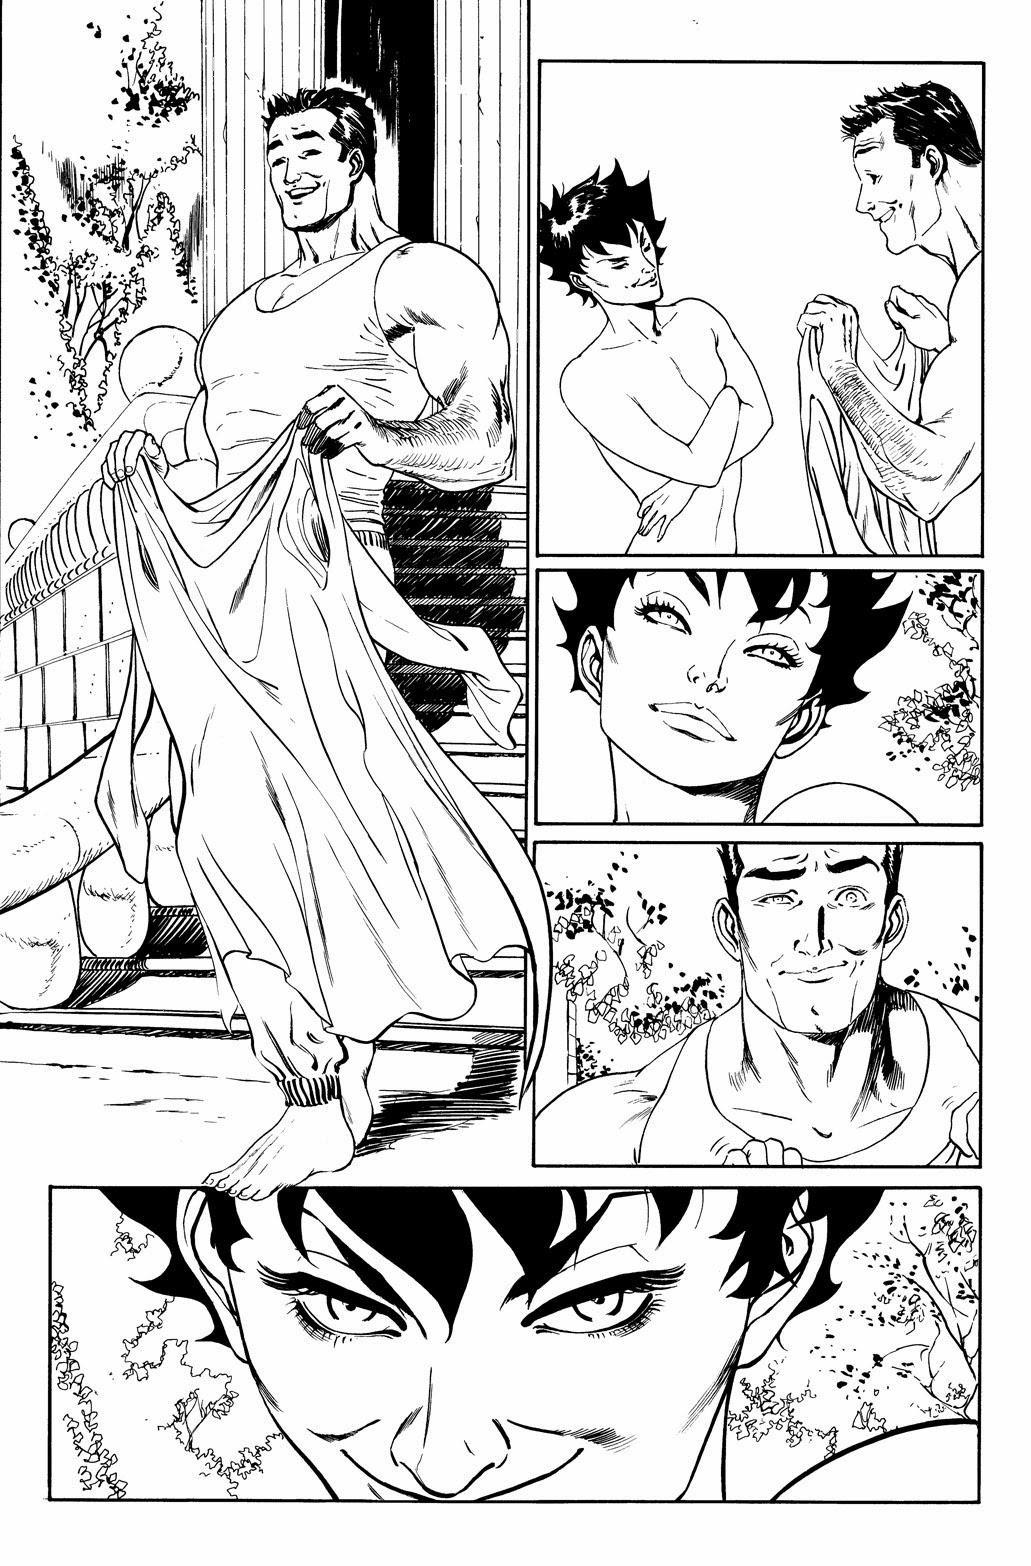 Catwoman 04 mais páginas invisíveis por guillem march